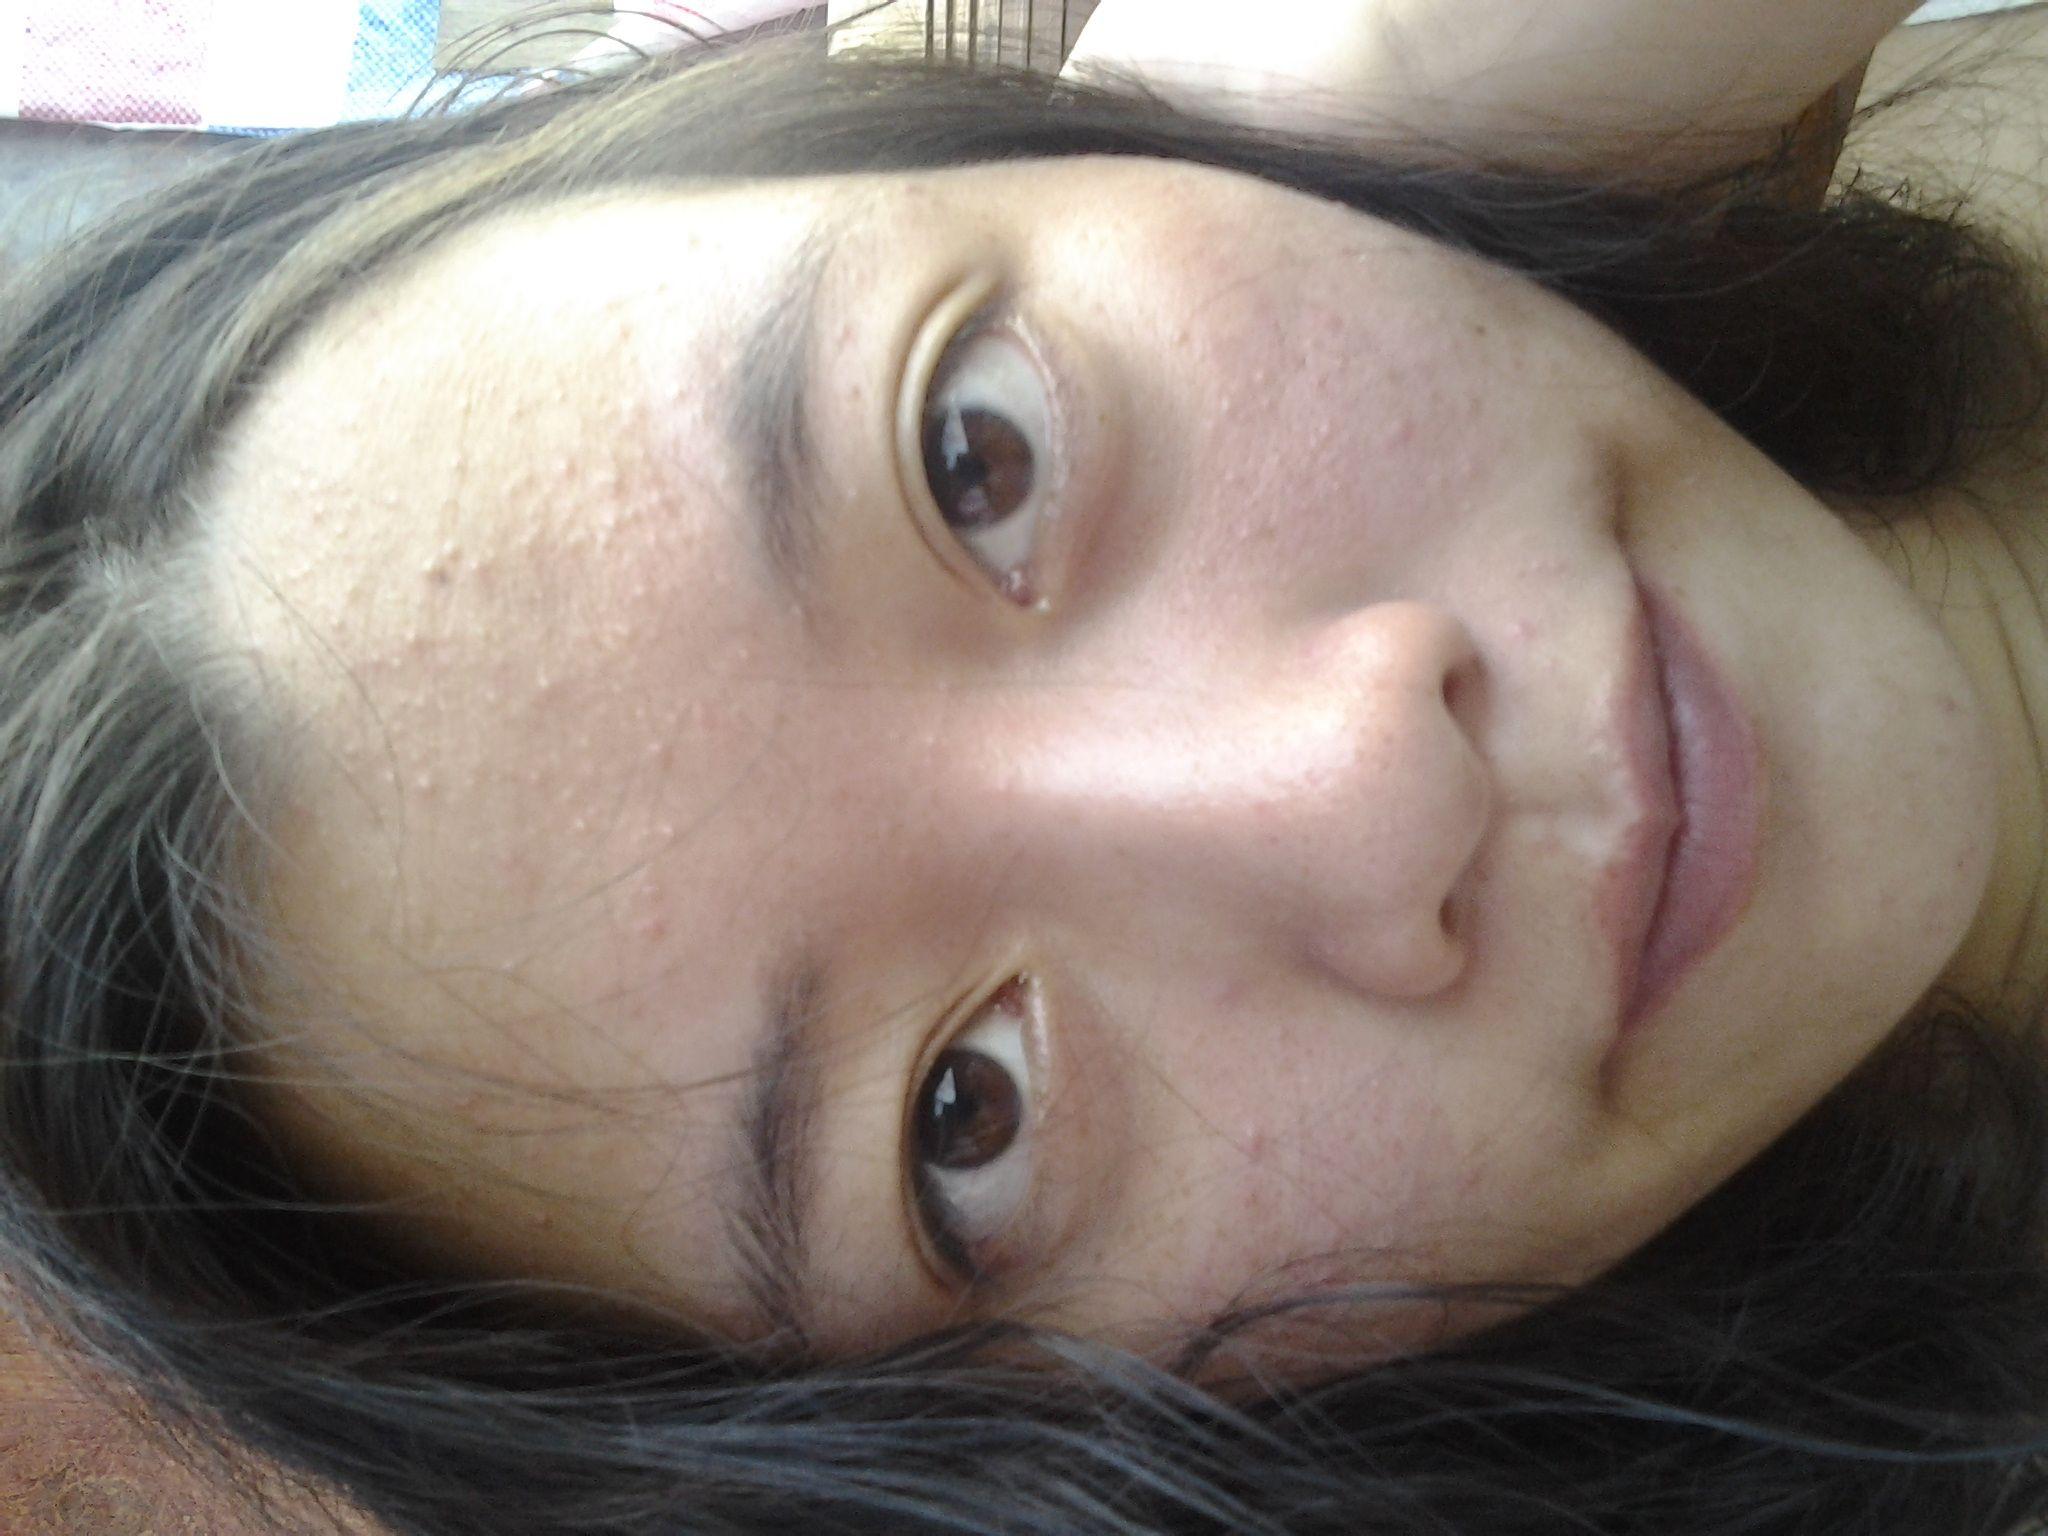 脸上有小米粒疙瘩_很小的皮肤色小疙瘩,不痛不痒,但是一挤里面有小米粒状颗粒